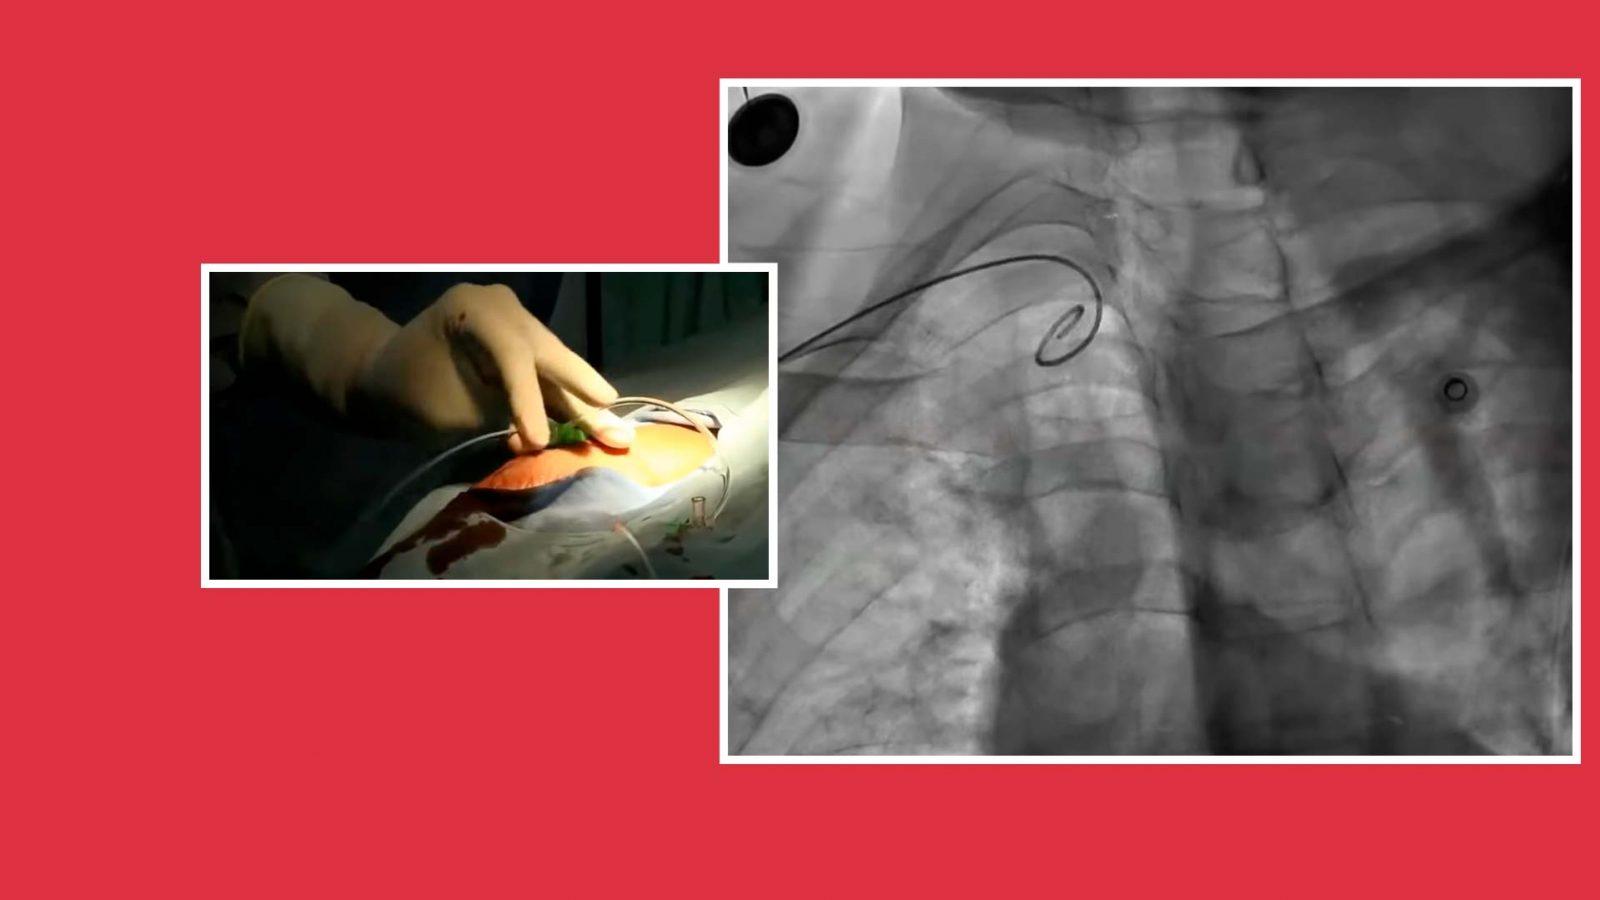 Cardiología intervencionista 1 - Dr. Joel Sánchez Figueroa